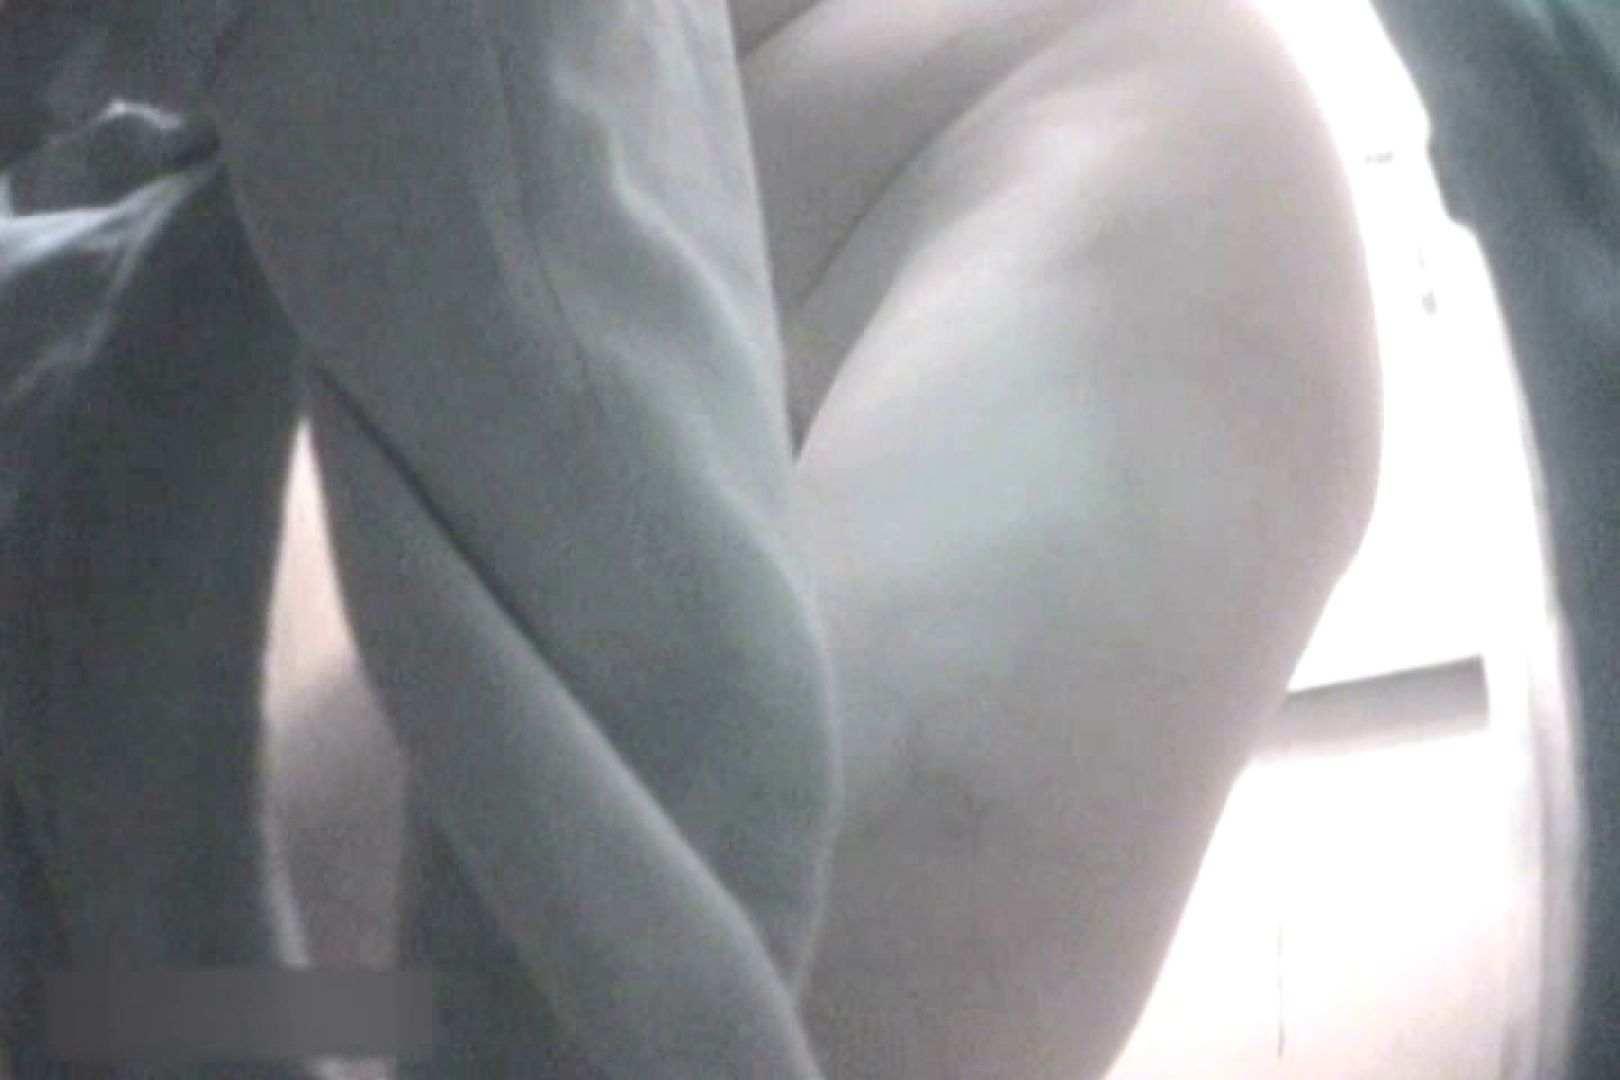 夏海シャワー室!ベトベトお肌をサラサラに!VOL.11 エロいOL おめこ無修正動画無料 103枚